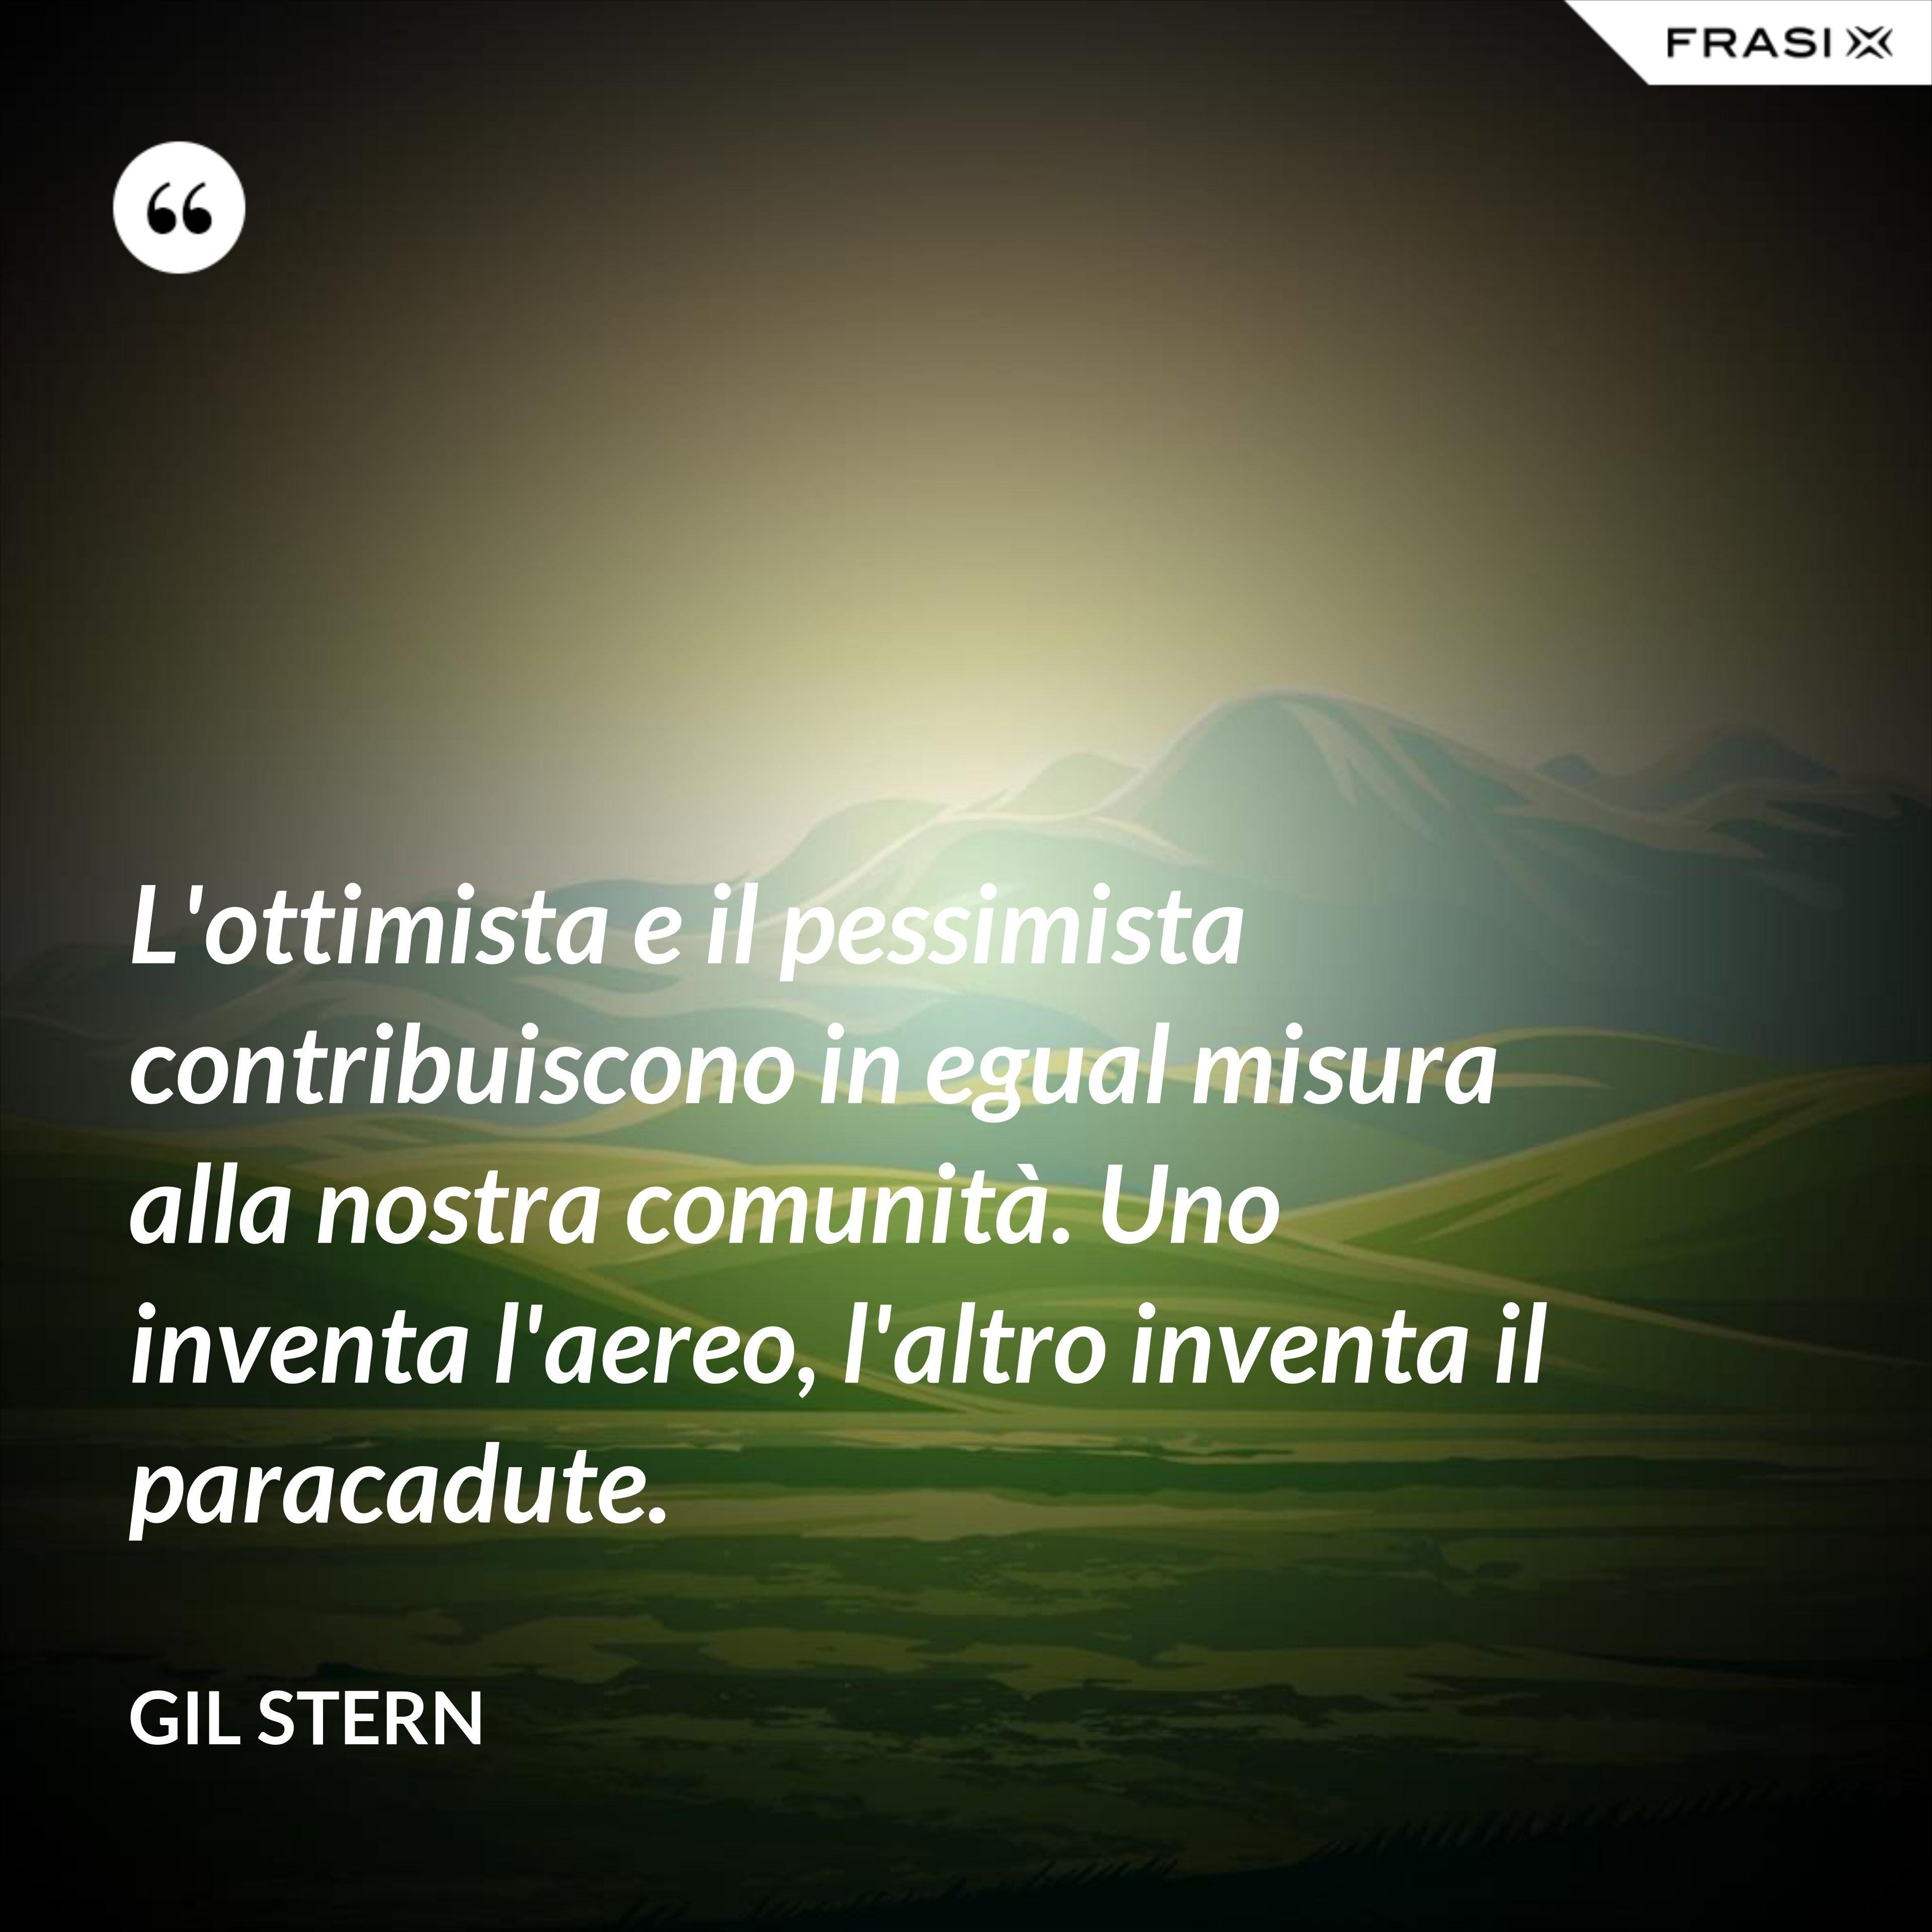 L'ottimista e il pessimista contribuiscono in egual misura alla nostra comunità. Uno inventa l'aereo, l'altro inventa il paracadute. - Gil Stern